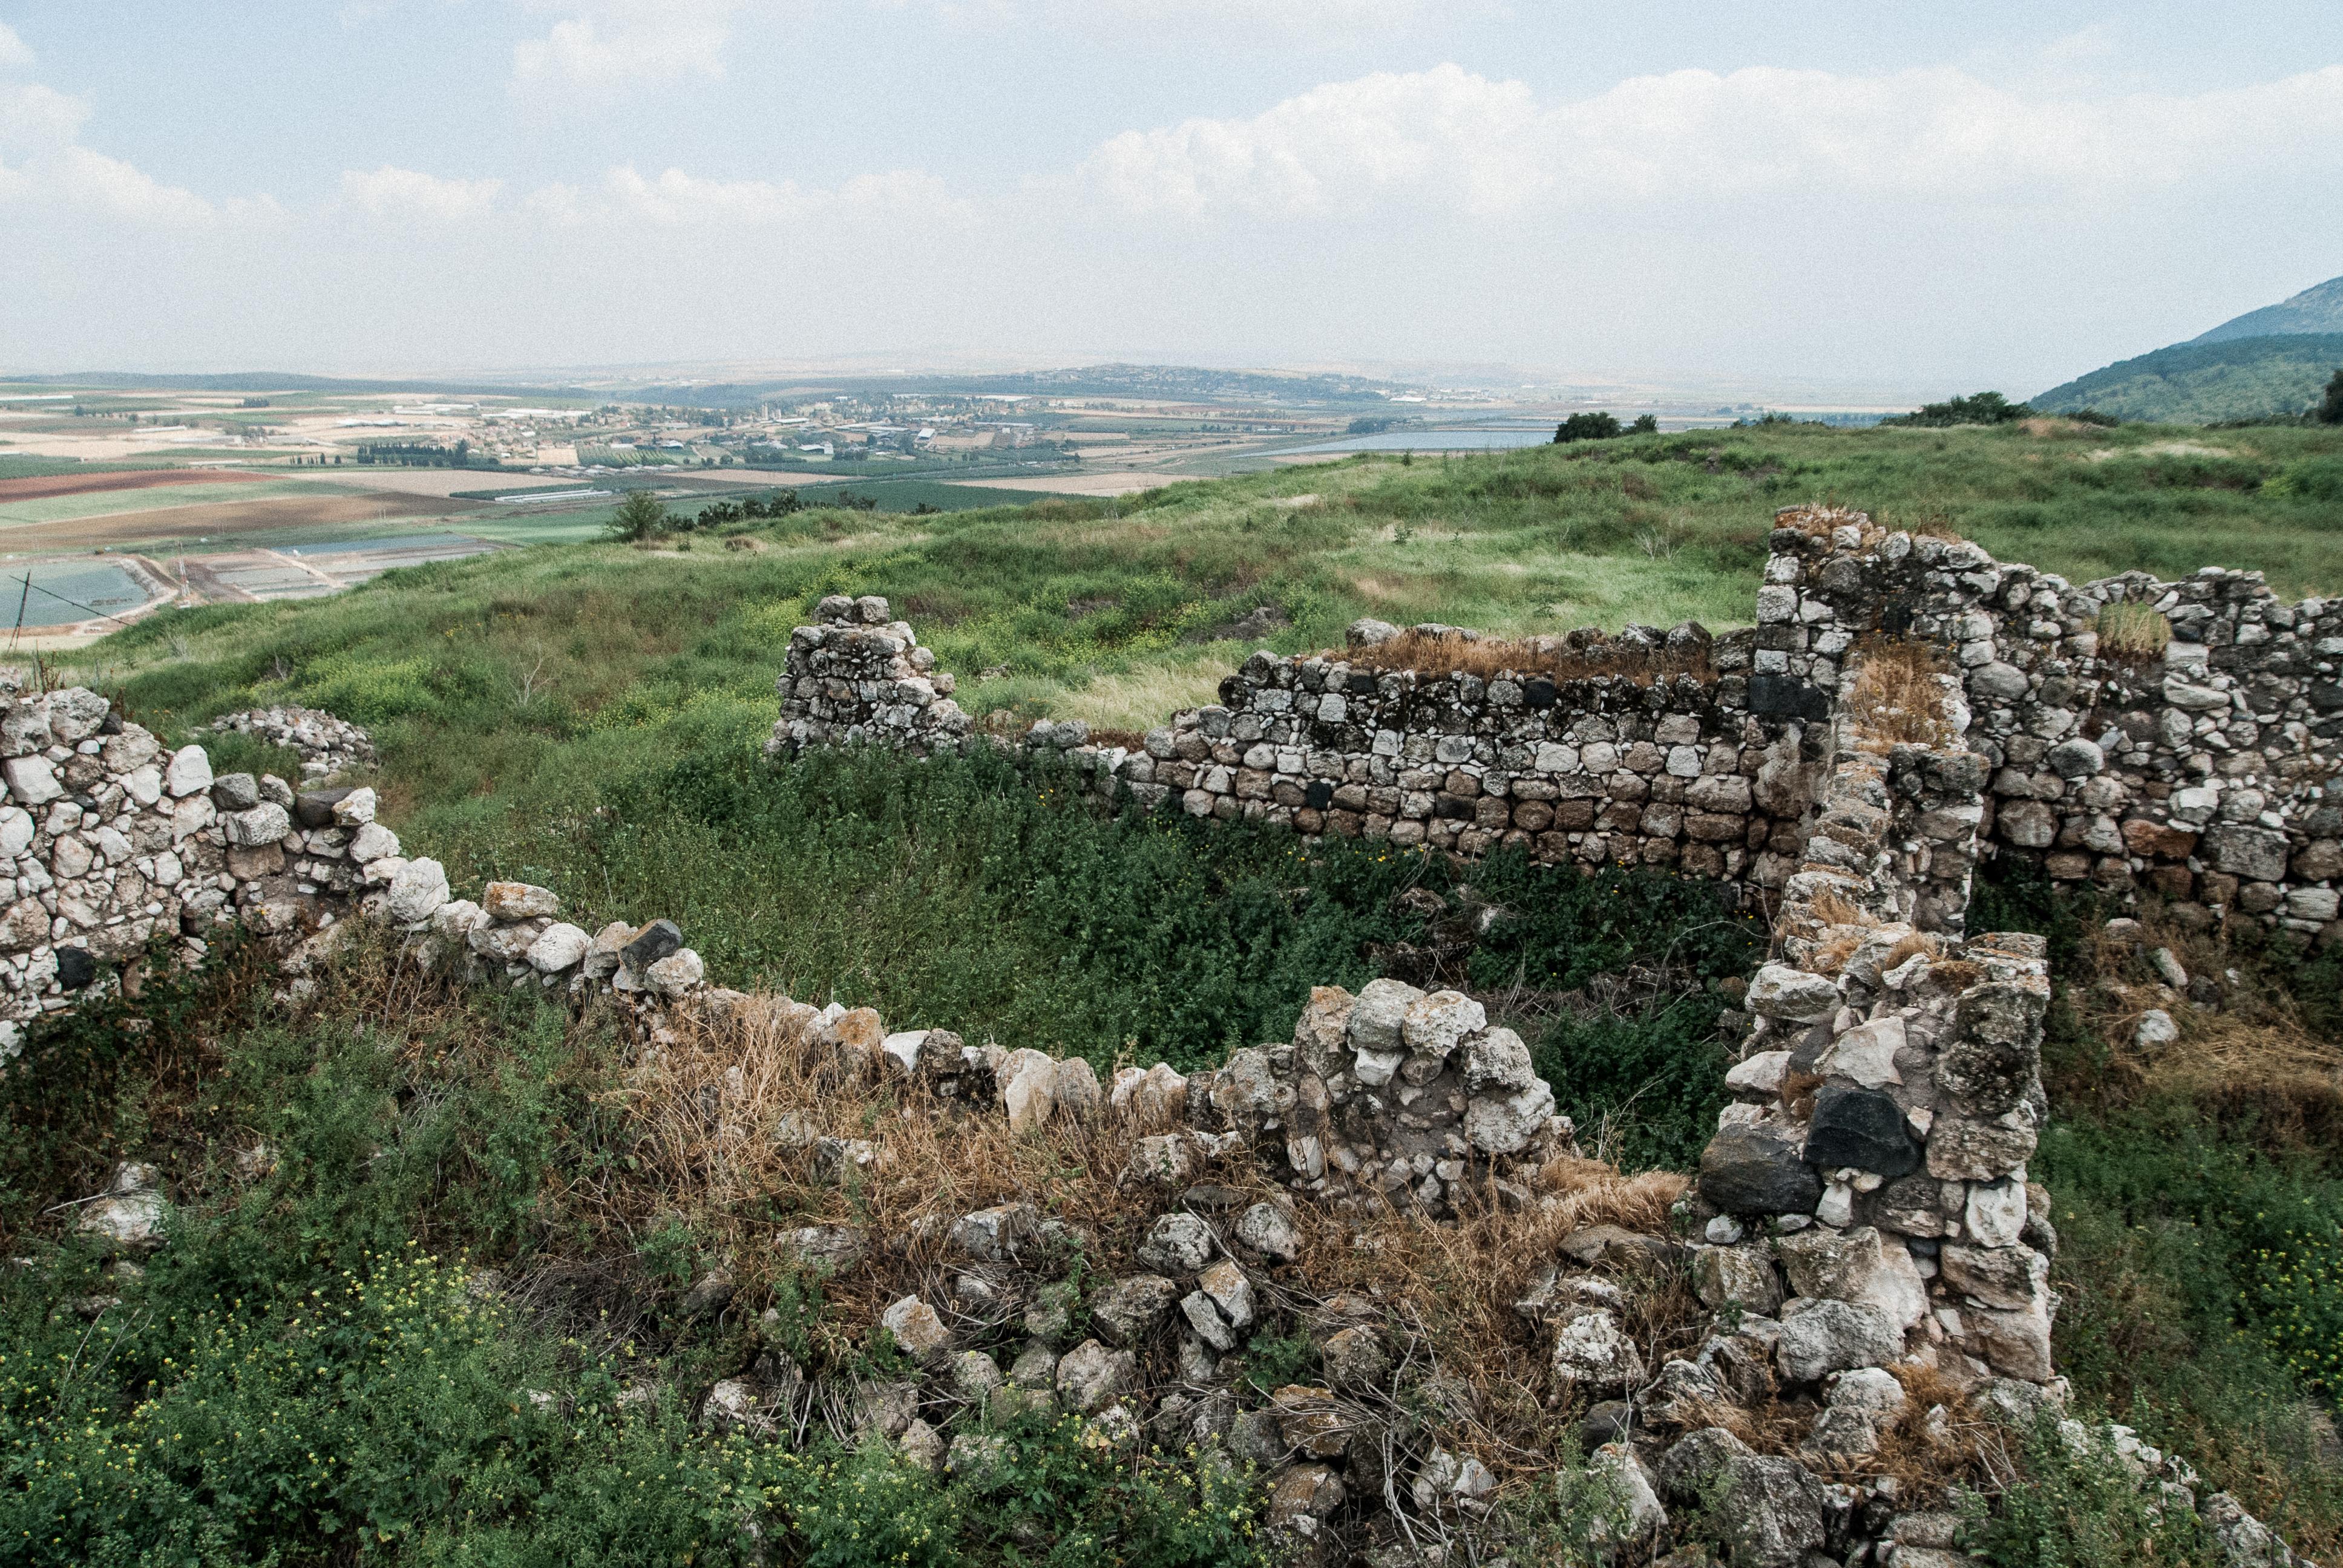 上图:耶斯列遗址(Tel Jezreel),位于耶斯列平原东南角的一座小山上,是一个主前9世纪的要塞。从城楼上可以清晰地俯瞰耶斯列平原从东面约旦河上来的路。